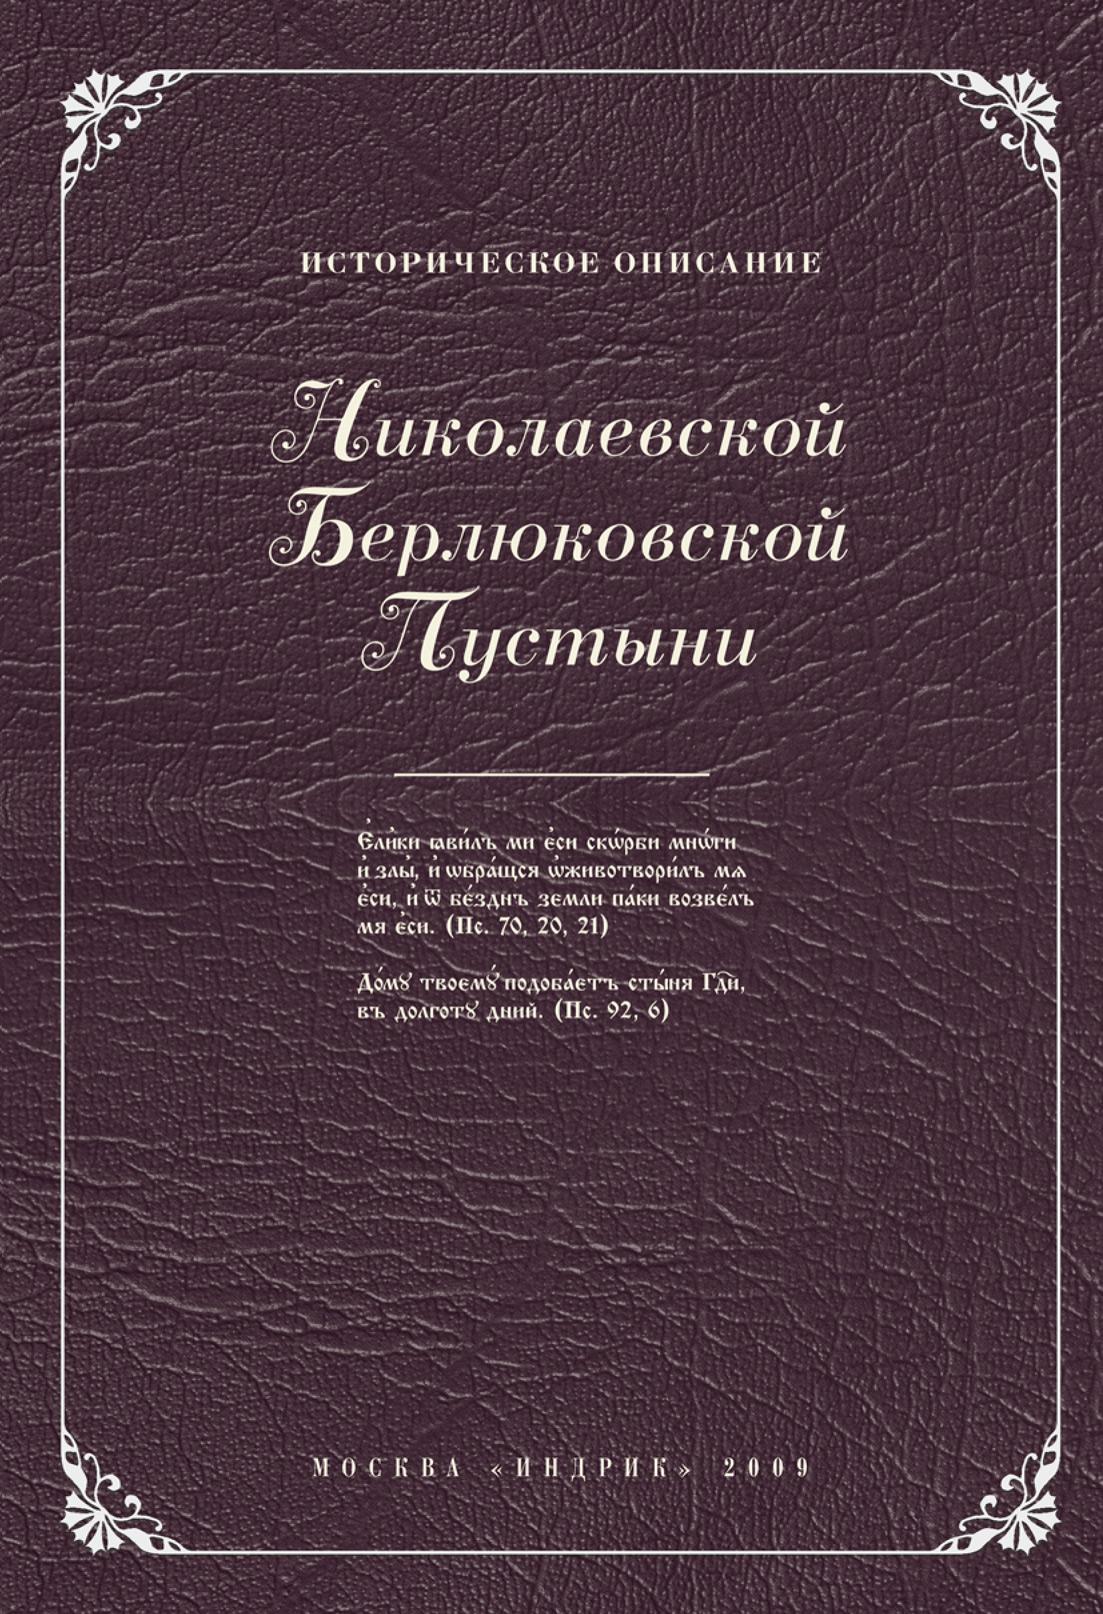 Историческое описание Николаевской Берлюковской пустыни ( Коллектив авторов  )